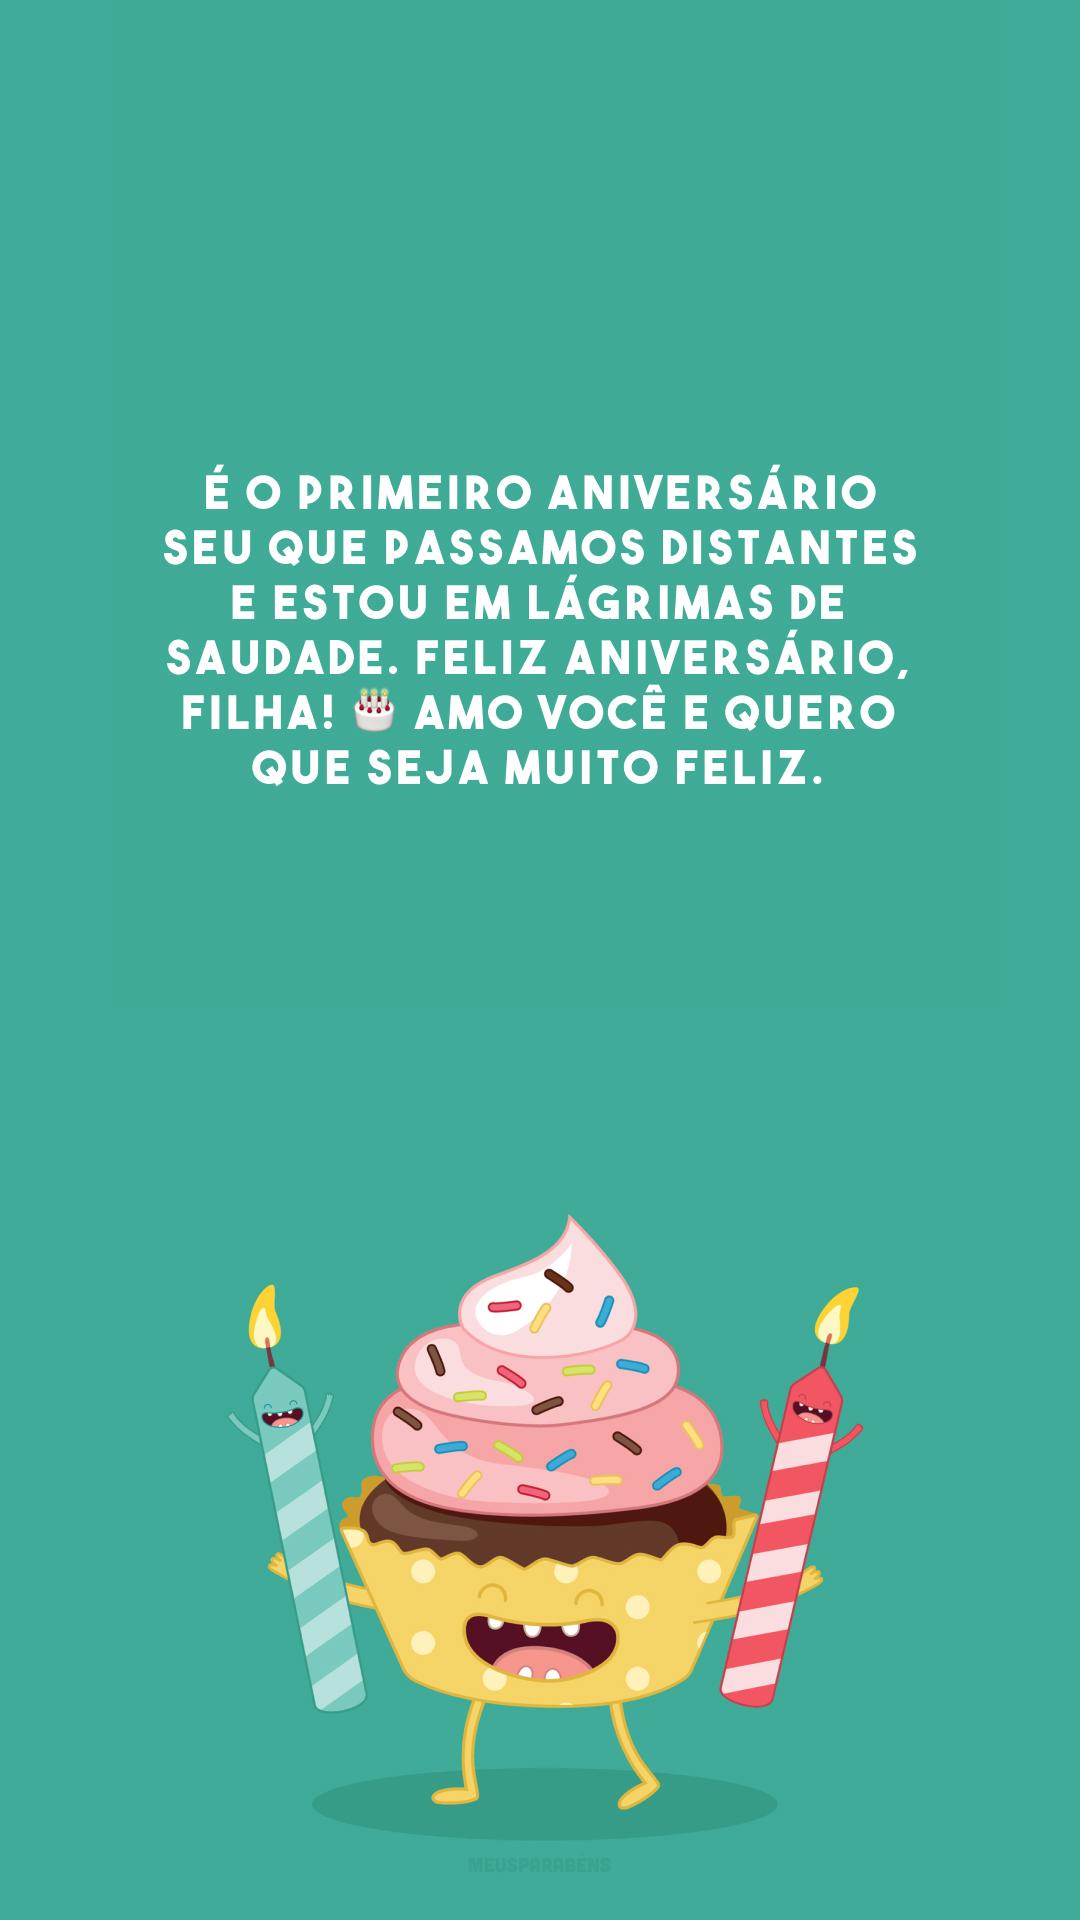 É o primeiro aniversário seu que passamos distantes e estou em lágrimas de saudade. Feliz aniversário, filha! 🎂 Amo você e quero que seja muito feliz.